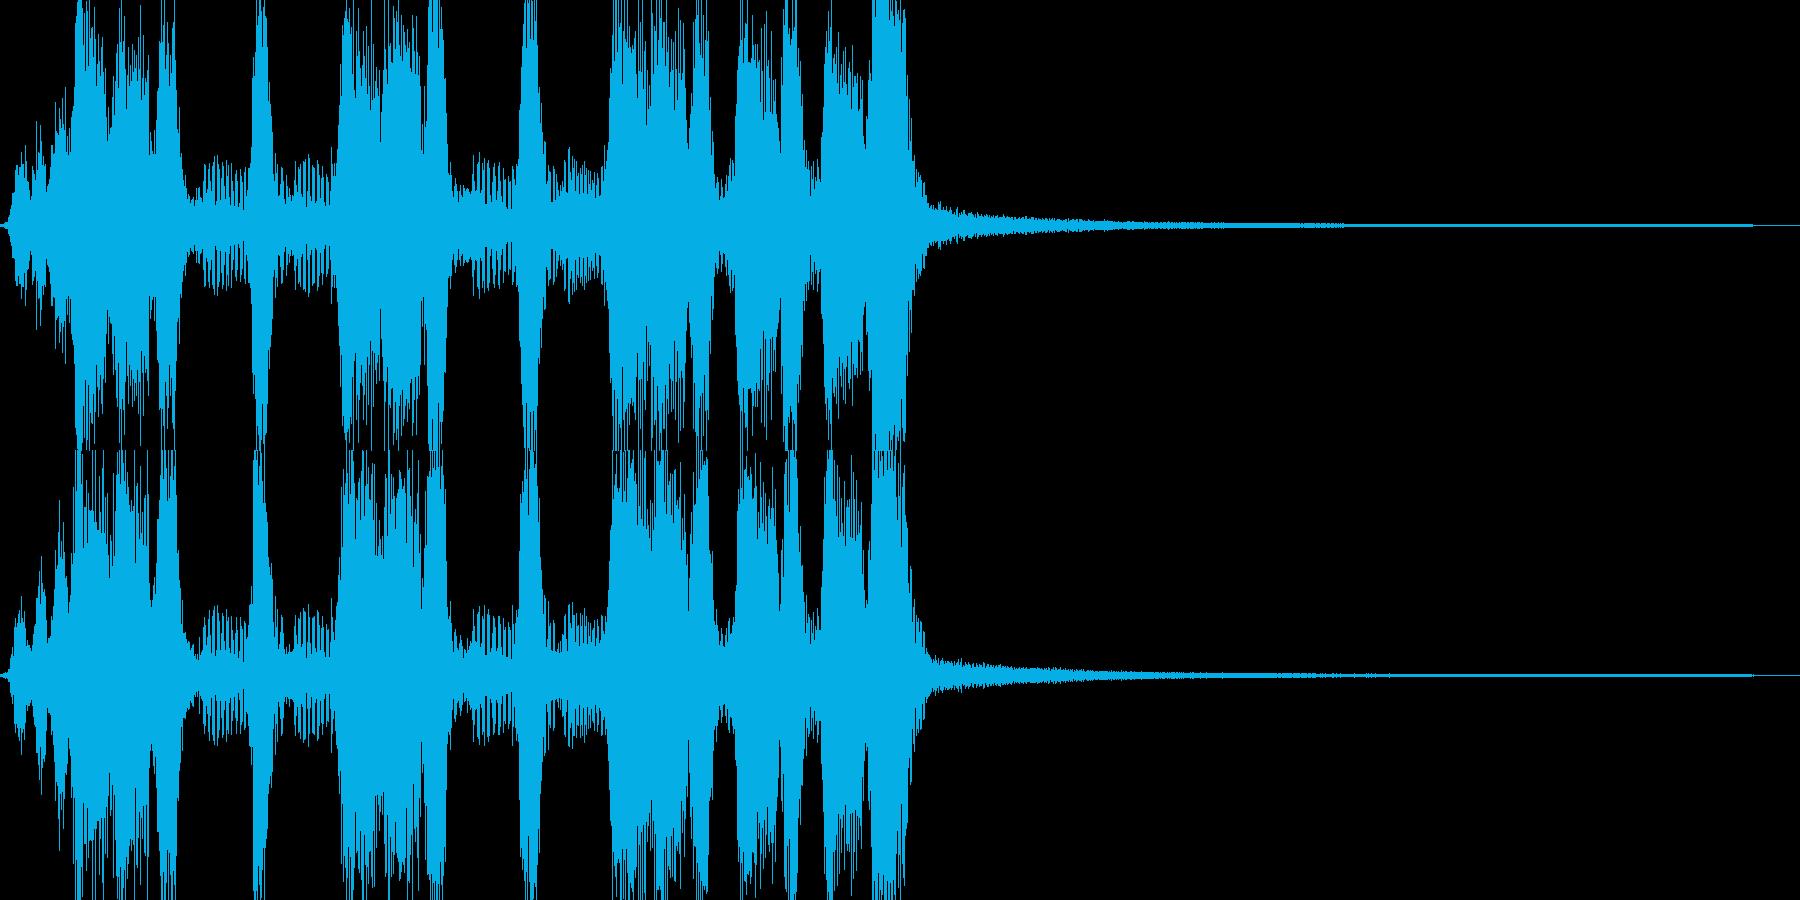 アコーディオンの賑やかなワルツジングルの再生済みの波形